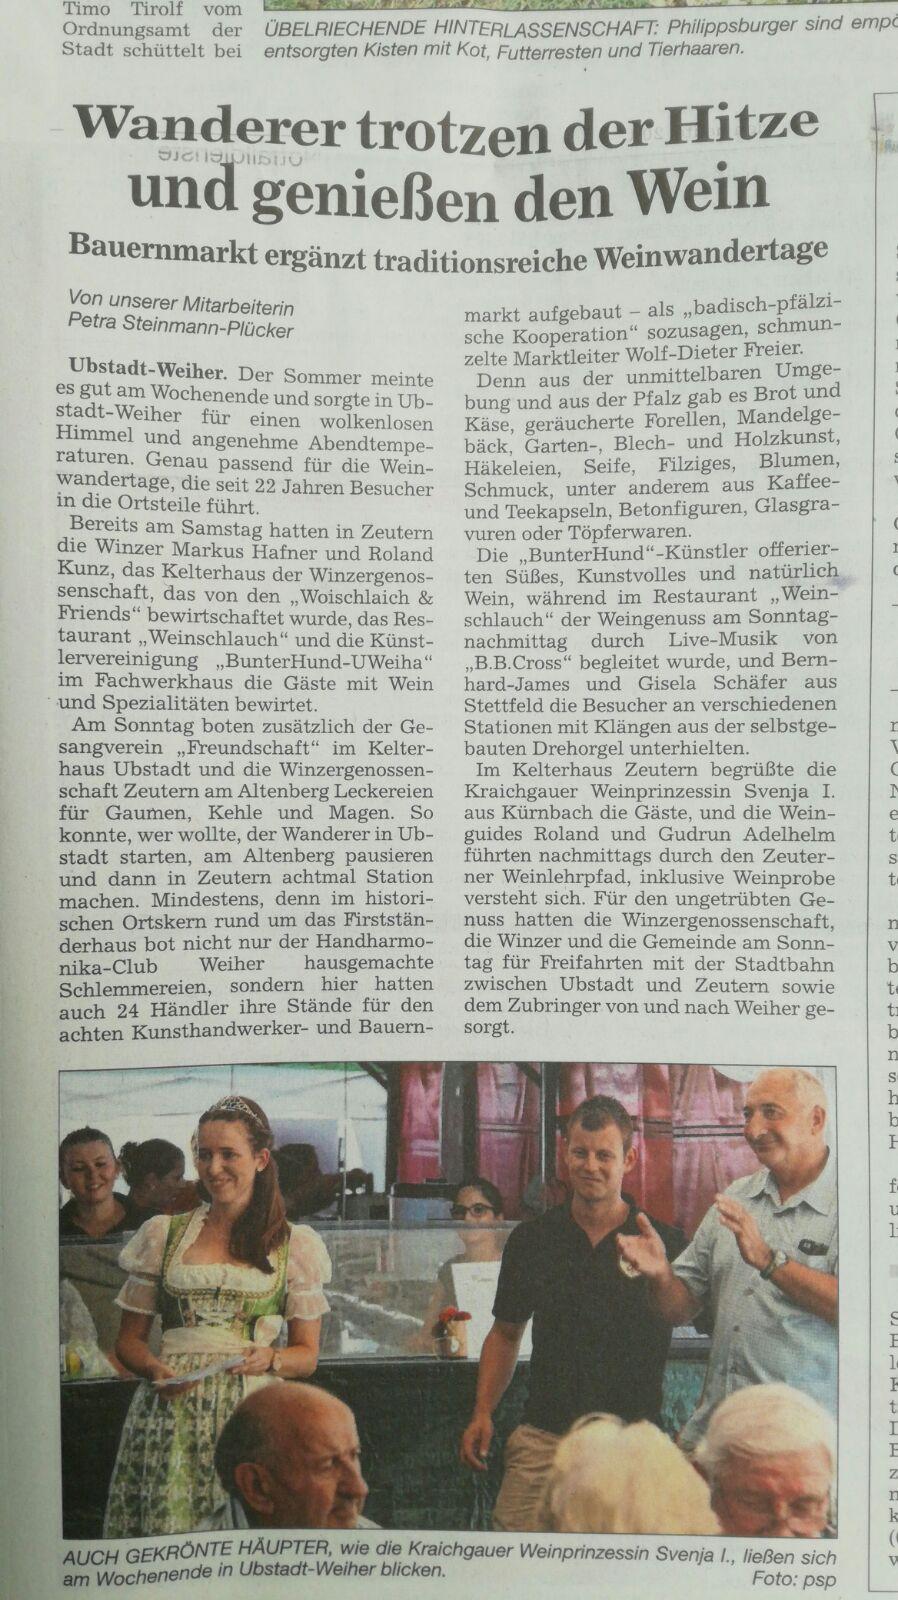 BNN - Bericht über Weinwandertage in Zeutern